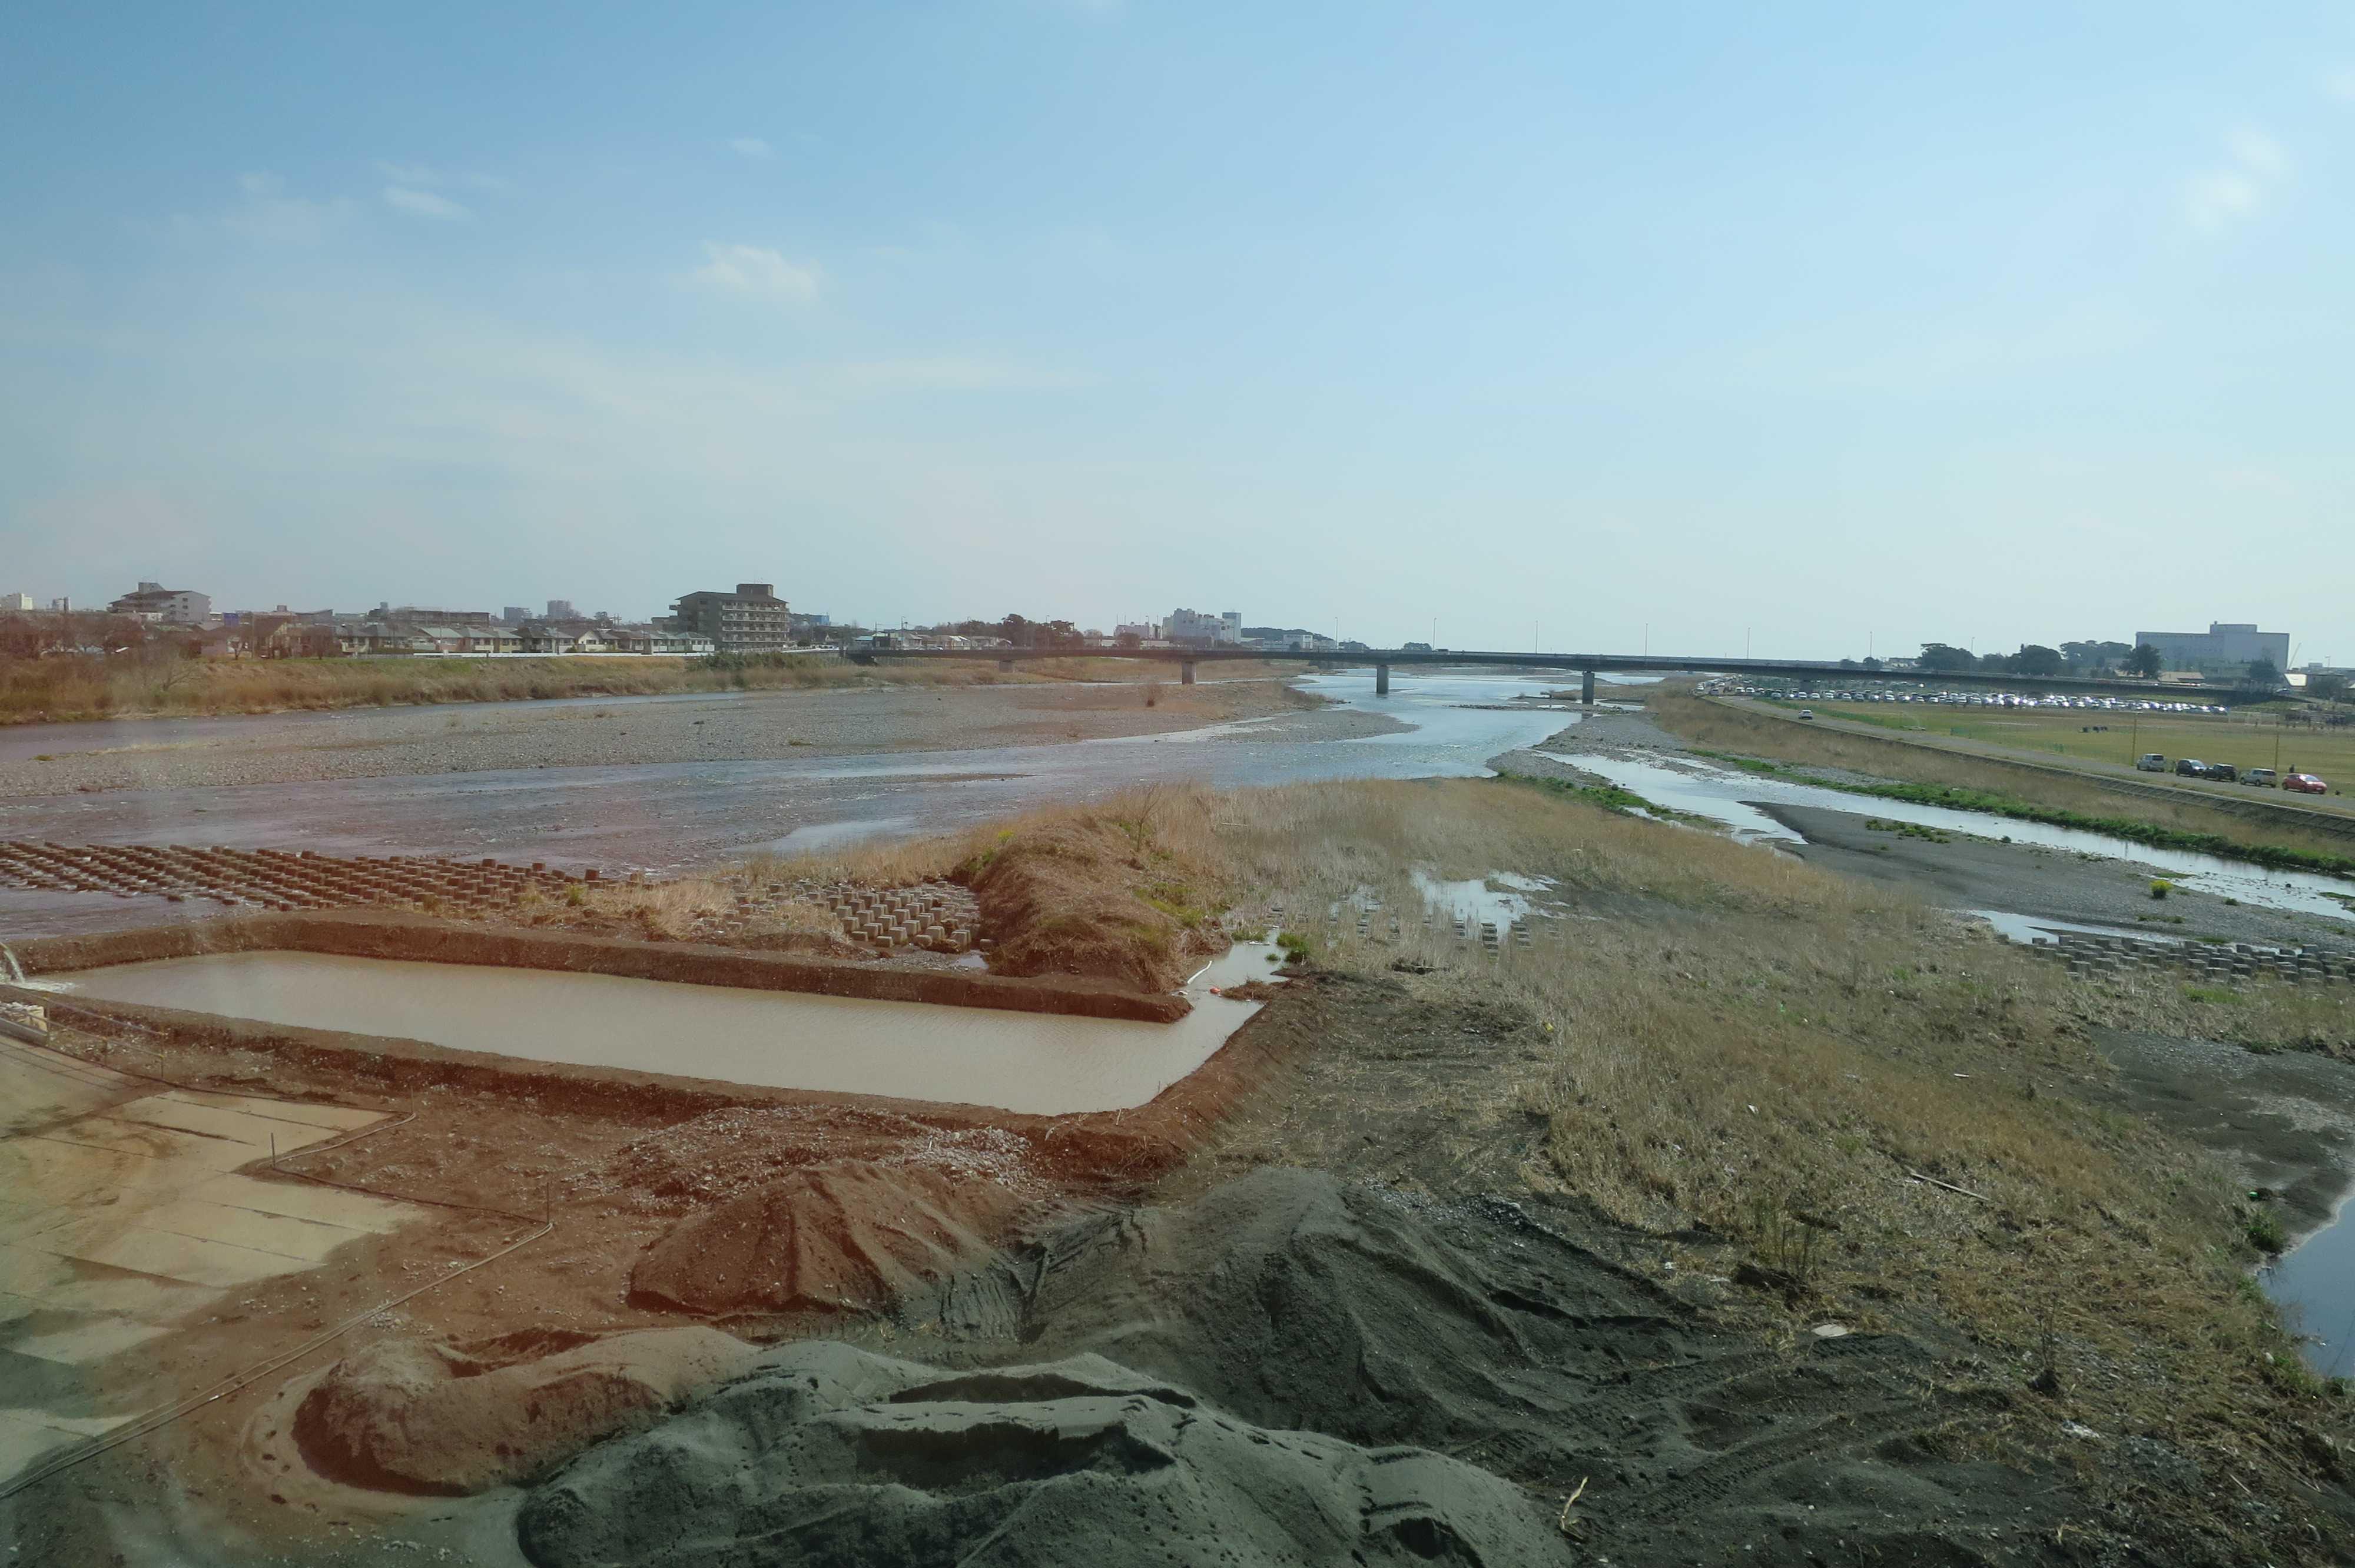 東海道線 - 酒匂川(さかわがわ)通過